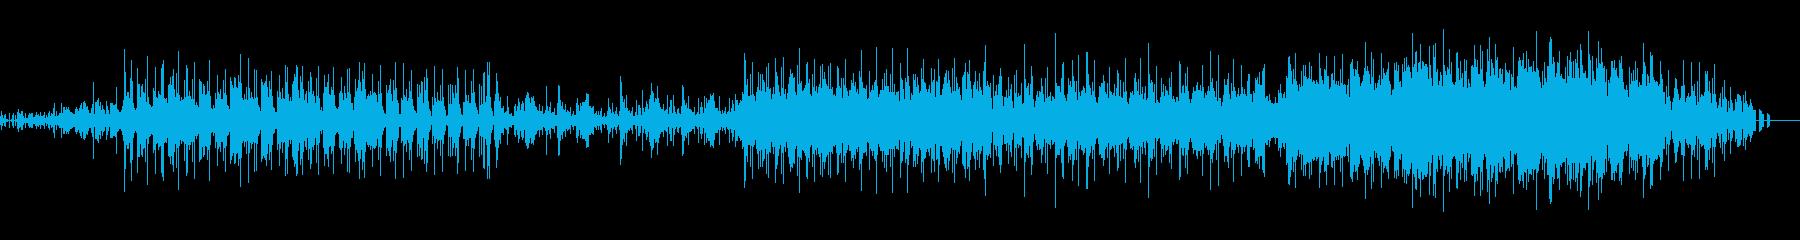 爽やかなピアノ+エレクトロミュージックの再生済みの波形